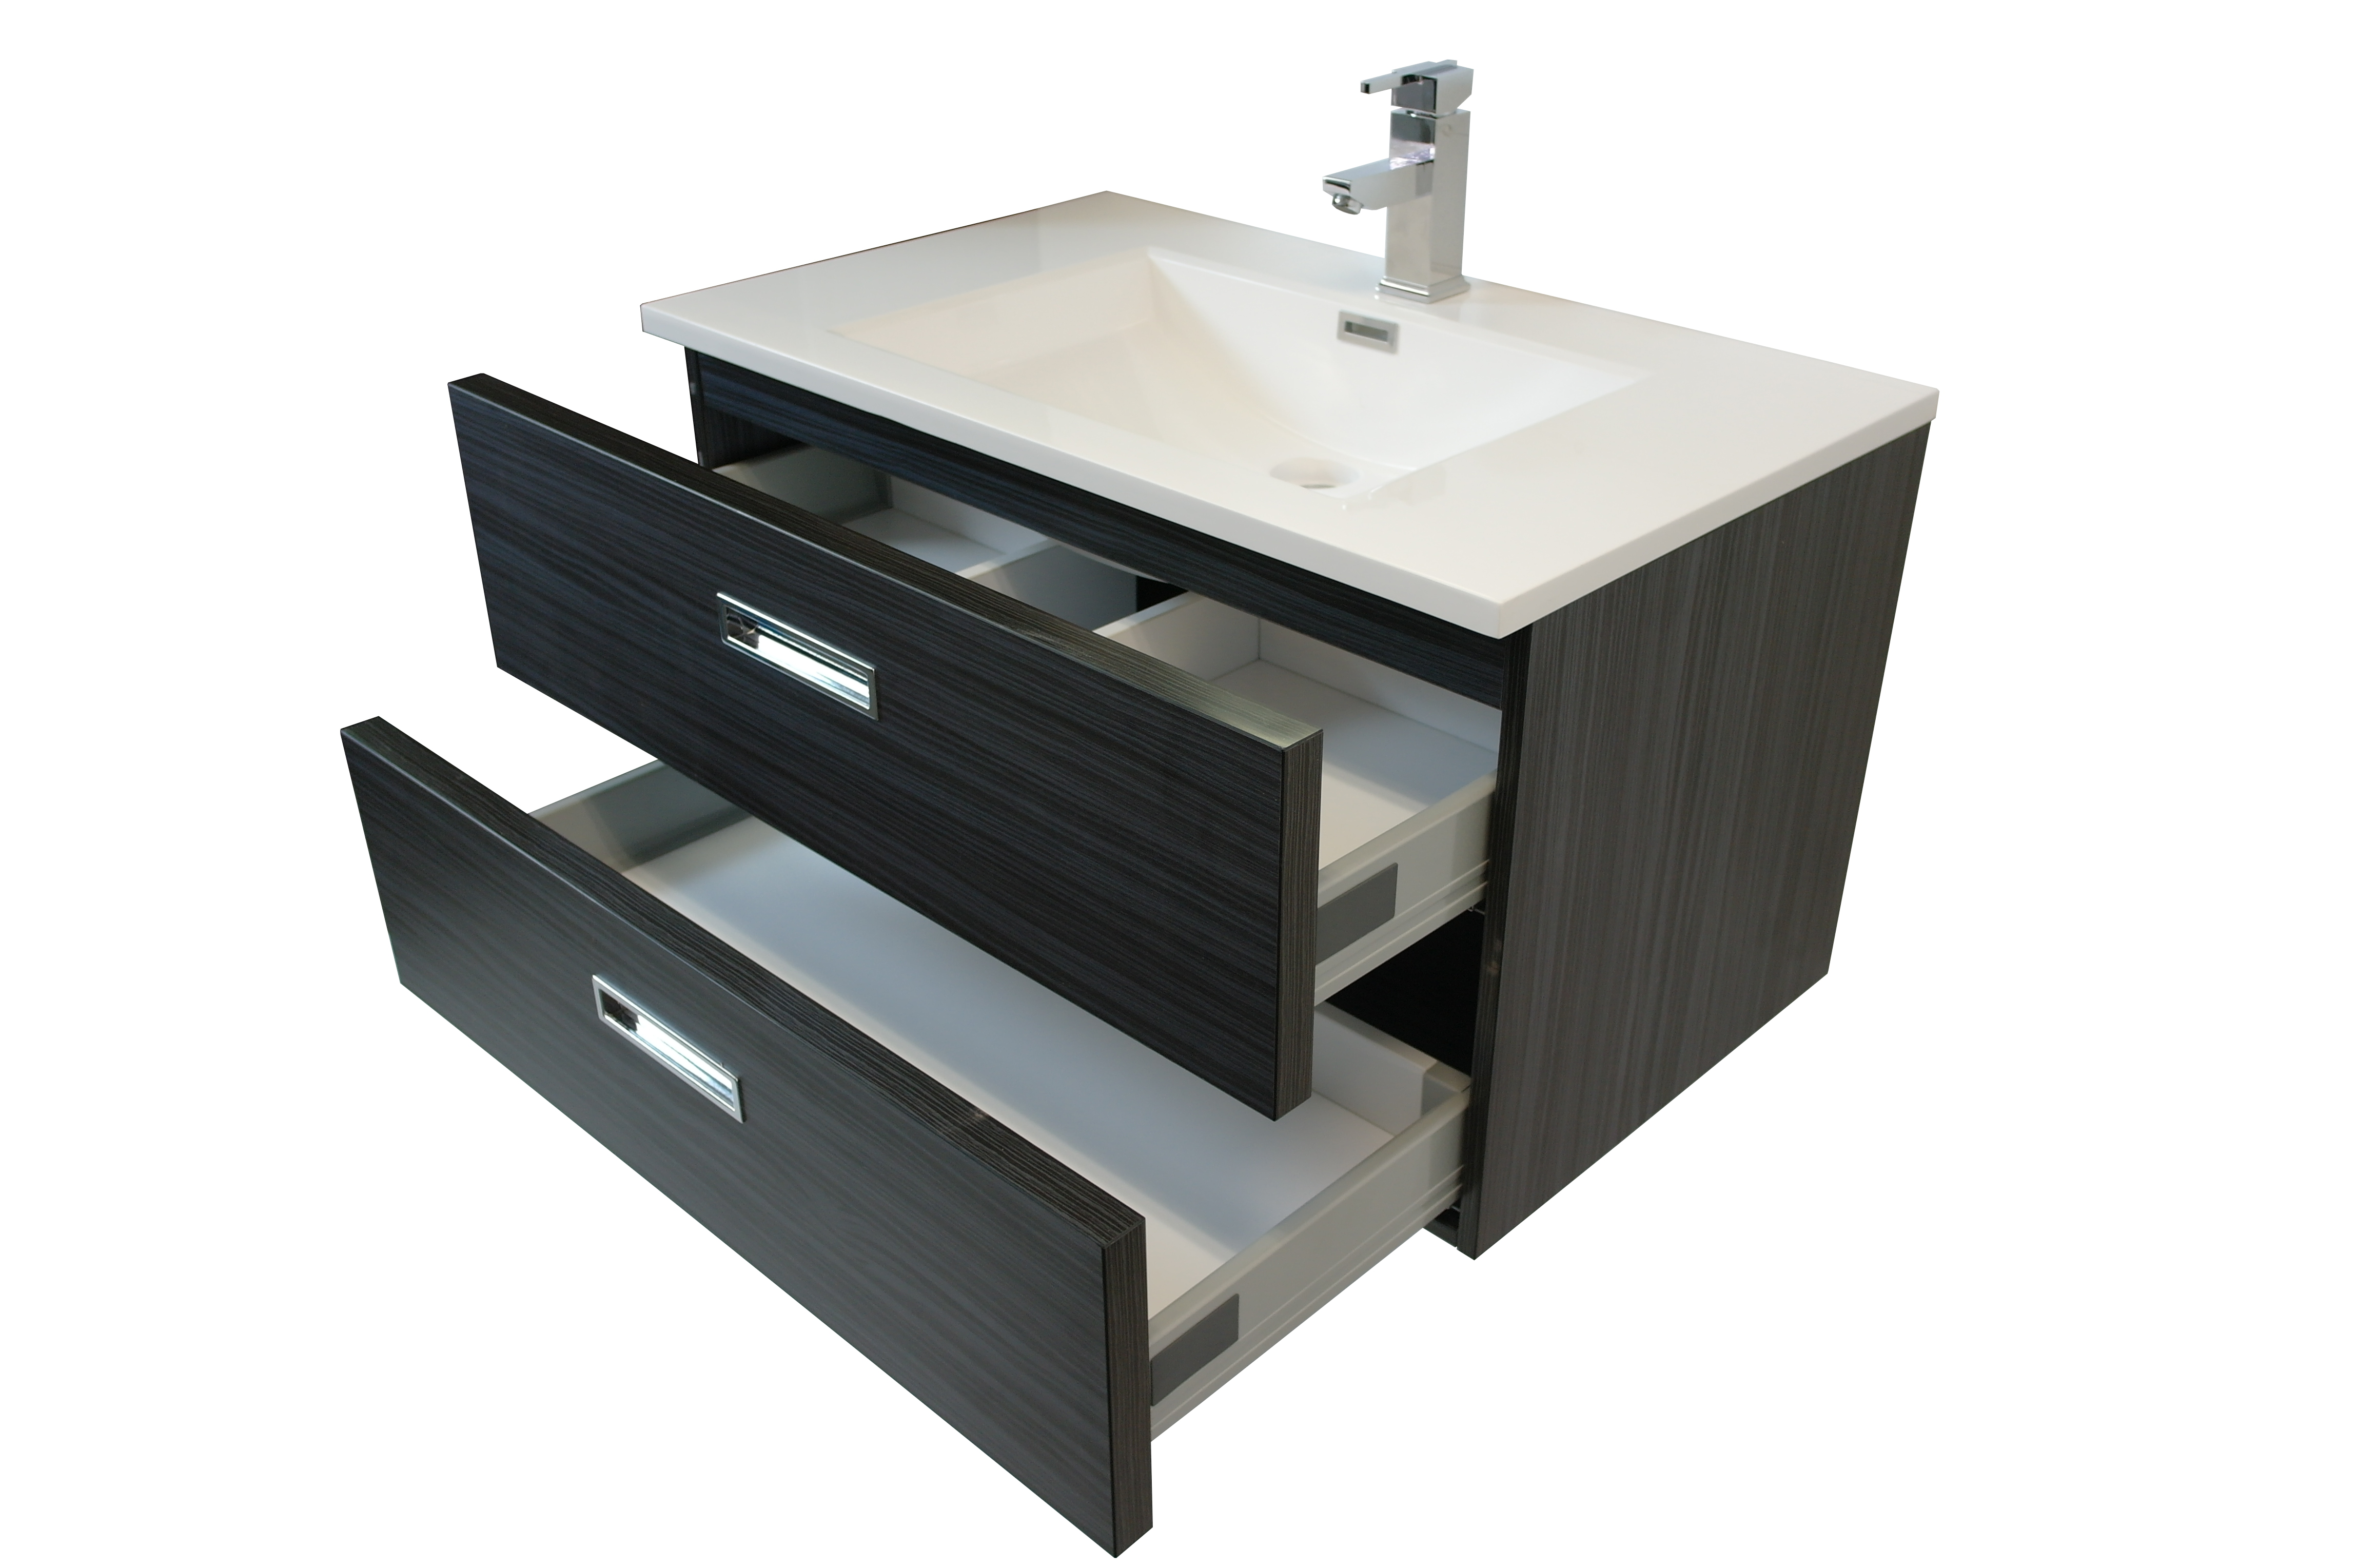 Meuble lavabo cuisine meuble sous lavabo 60 cm syane for Meuble lavabo cuisine